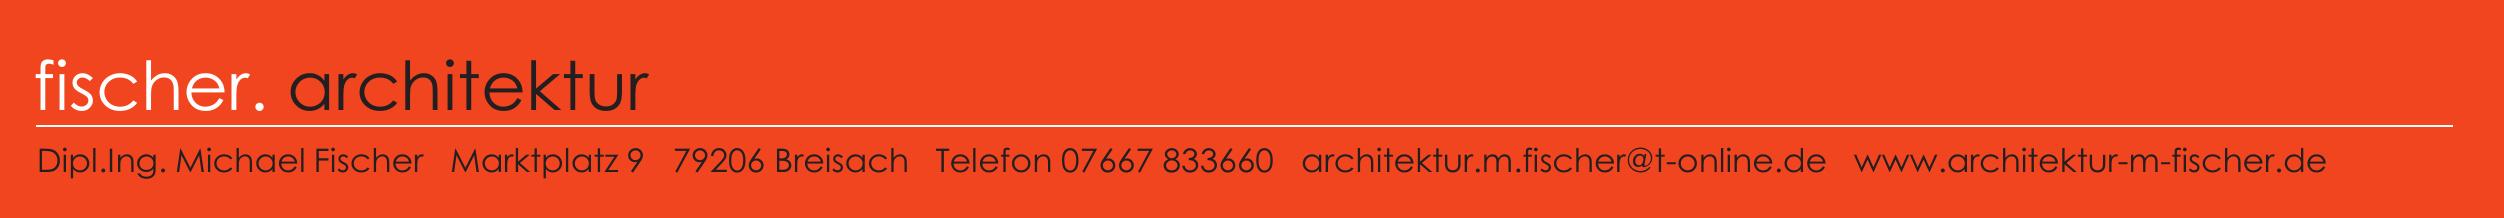 Architektur Fischer